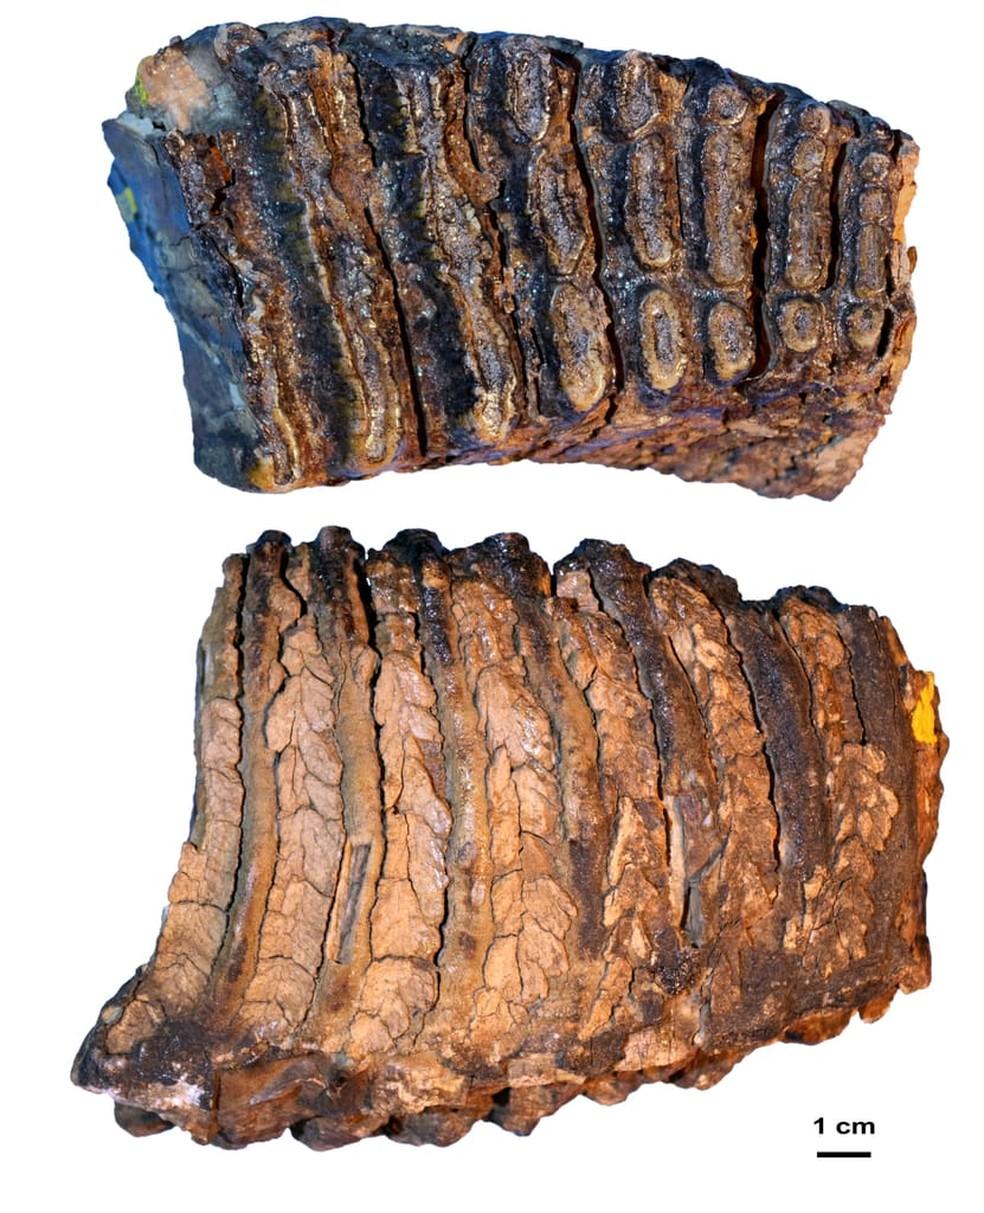 Pesquisadores descobrem DNA mais antigo do mundo em mamutes da Sibéria. Na foto, o dente de mamute Adycha, de mais de um milhão de anos. — Foto: Universidade de Estocolmo